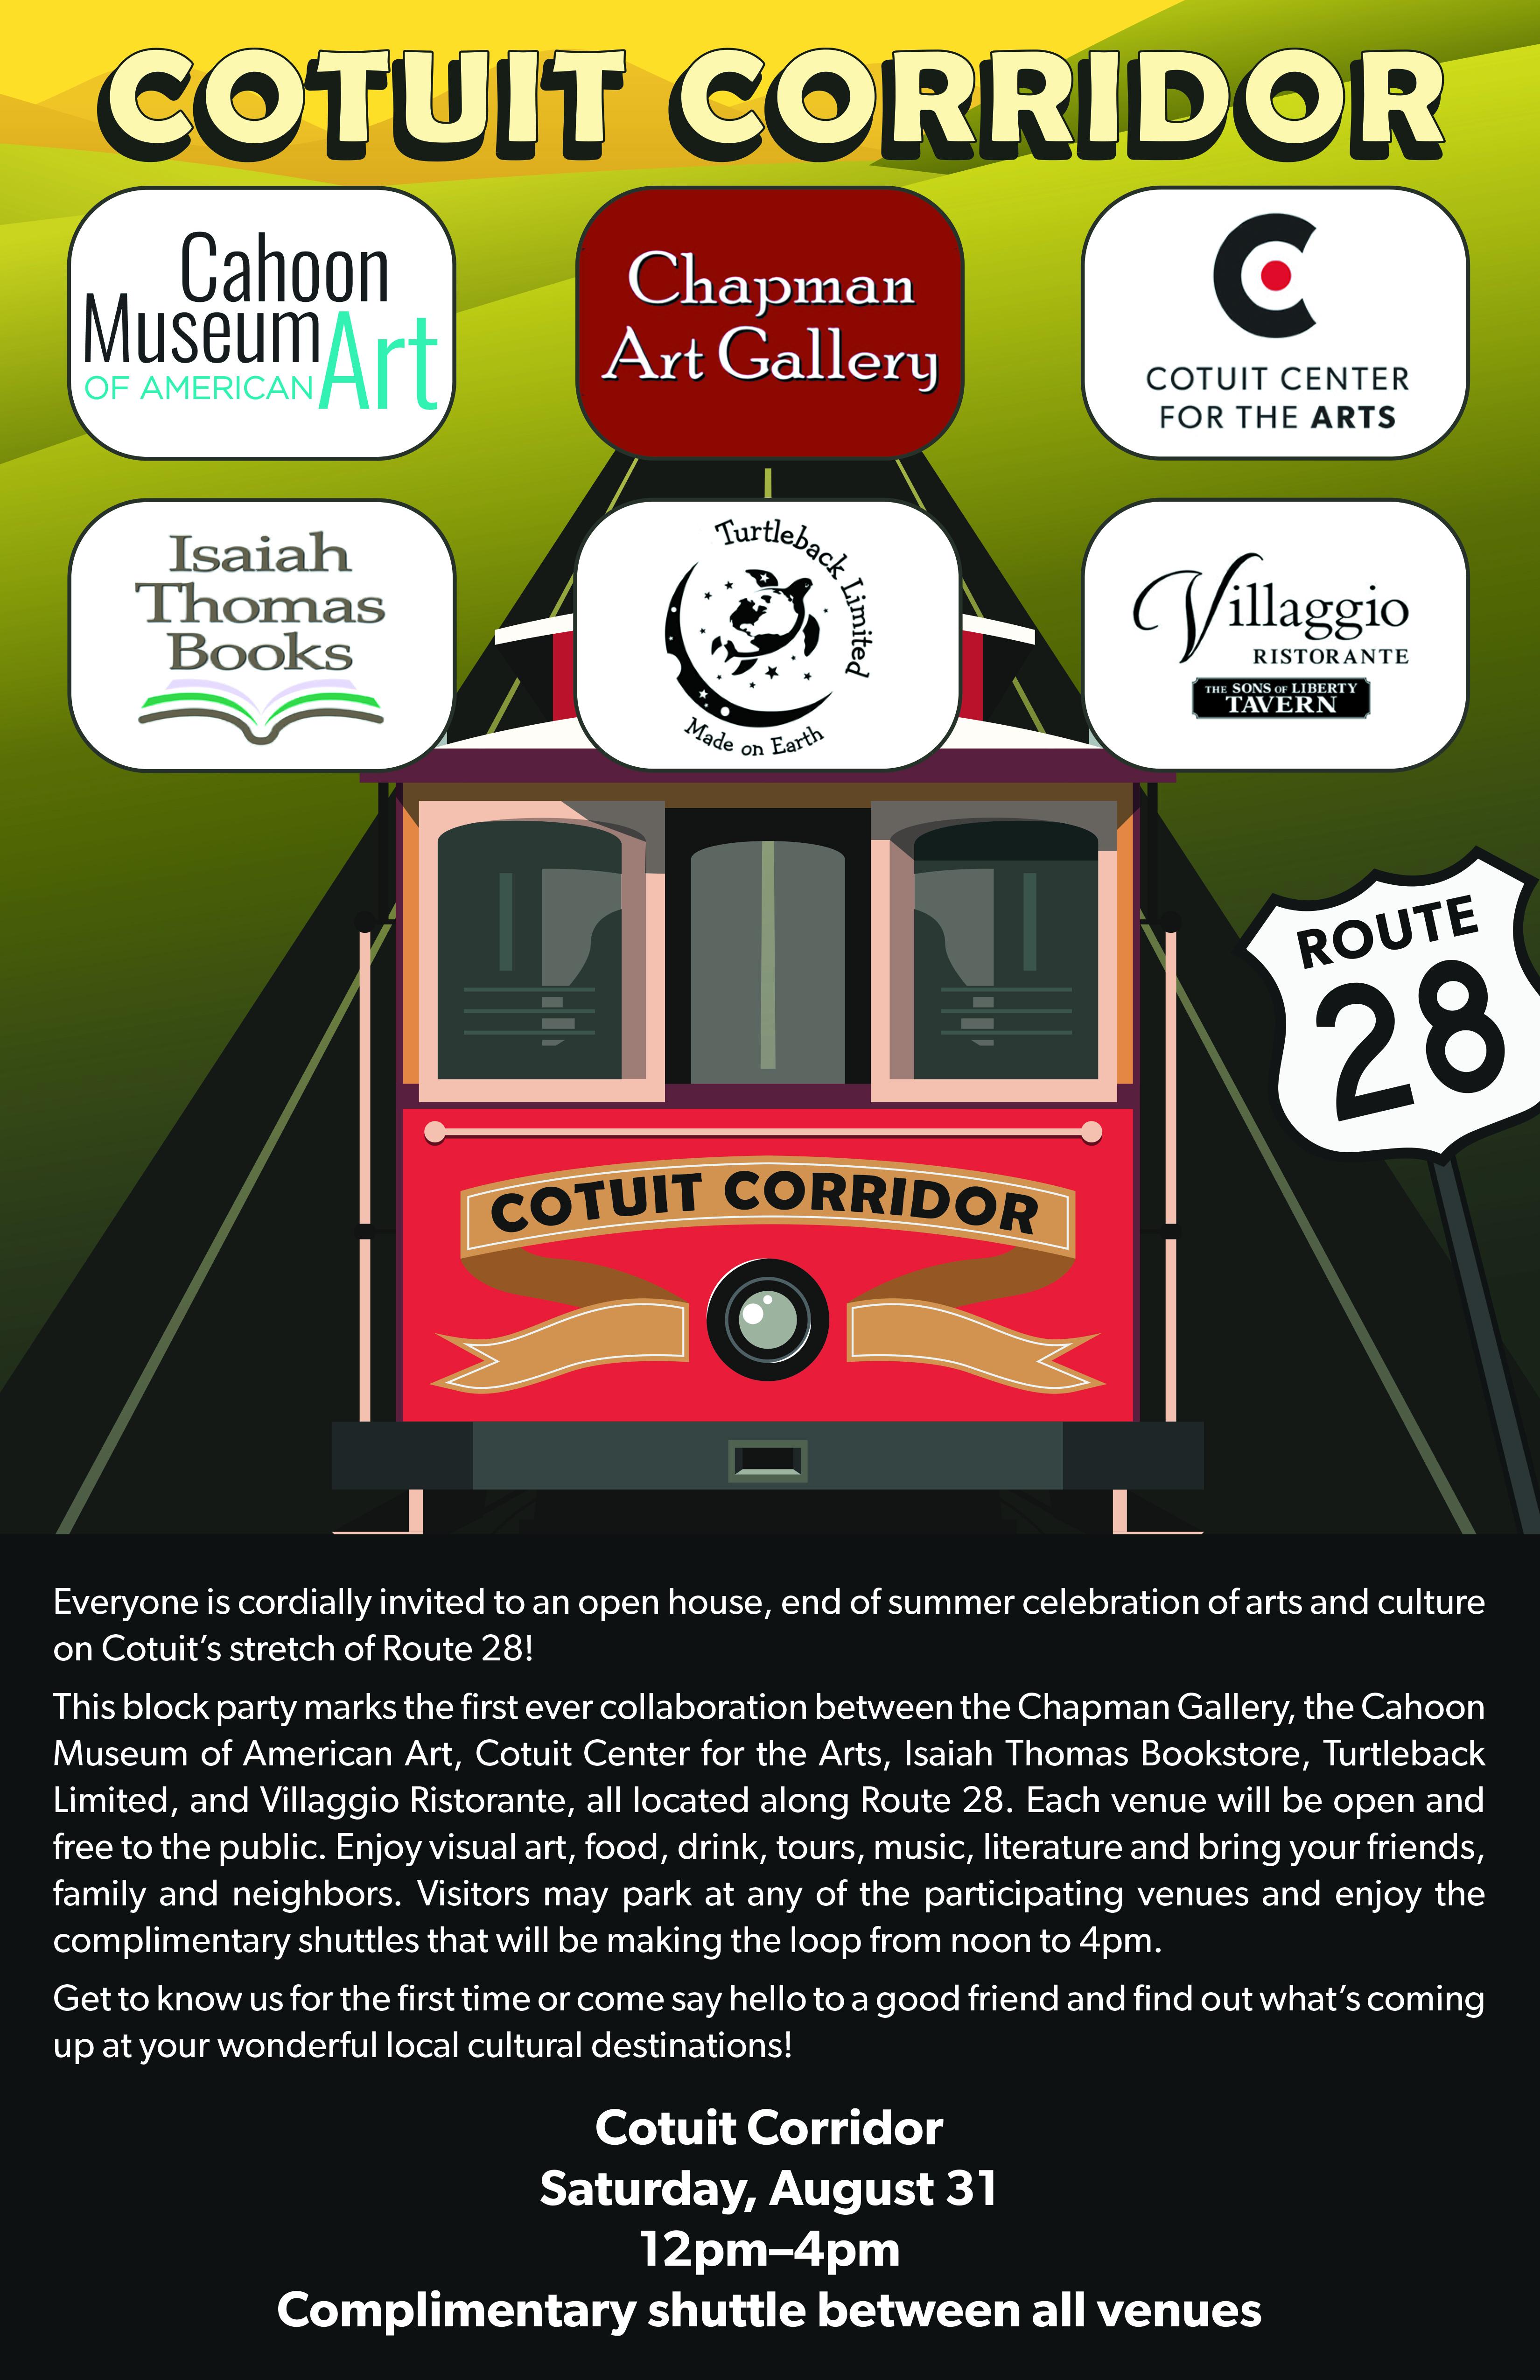 Cotuit Corridor Poster